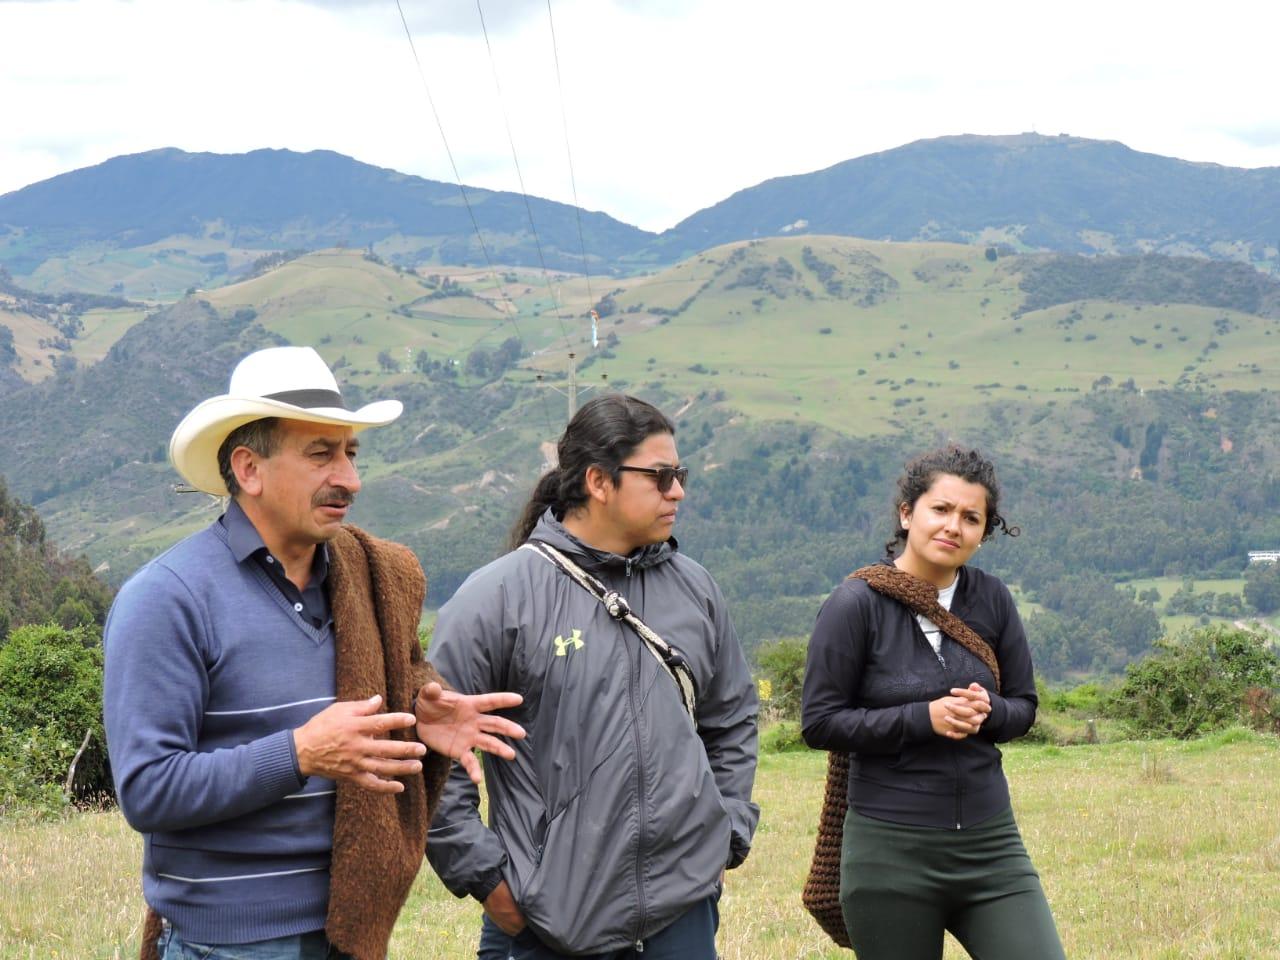 Jaime Beltrán, Harol Villay y Yerli Barreara, líderes de la Mesa de Patrimonio. Foto: El de la Ruana.